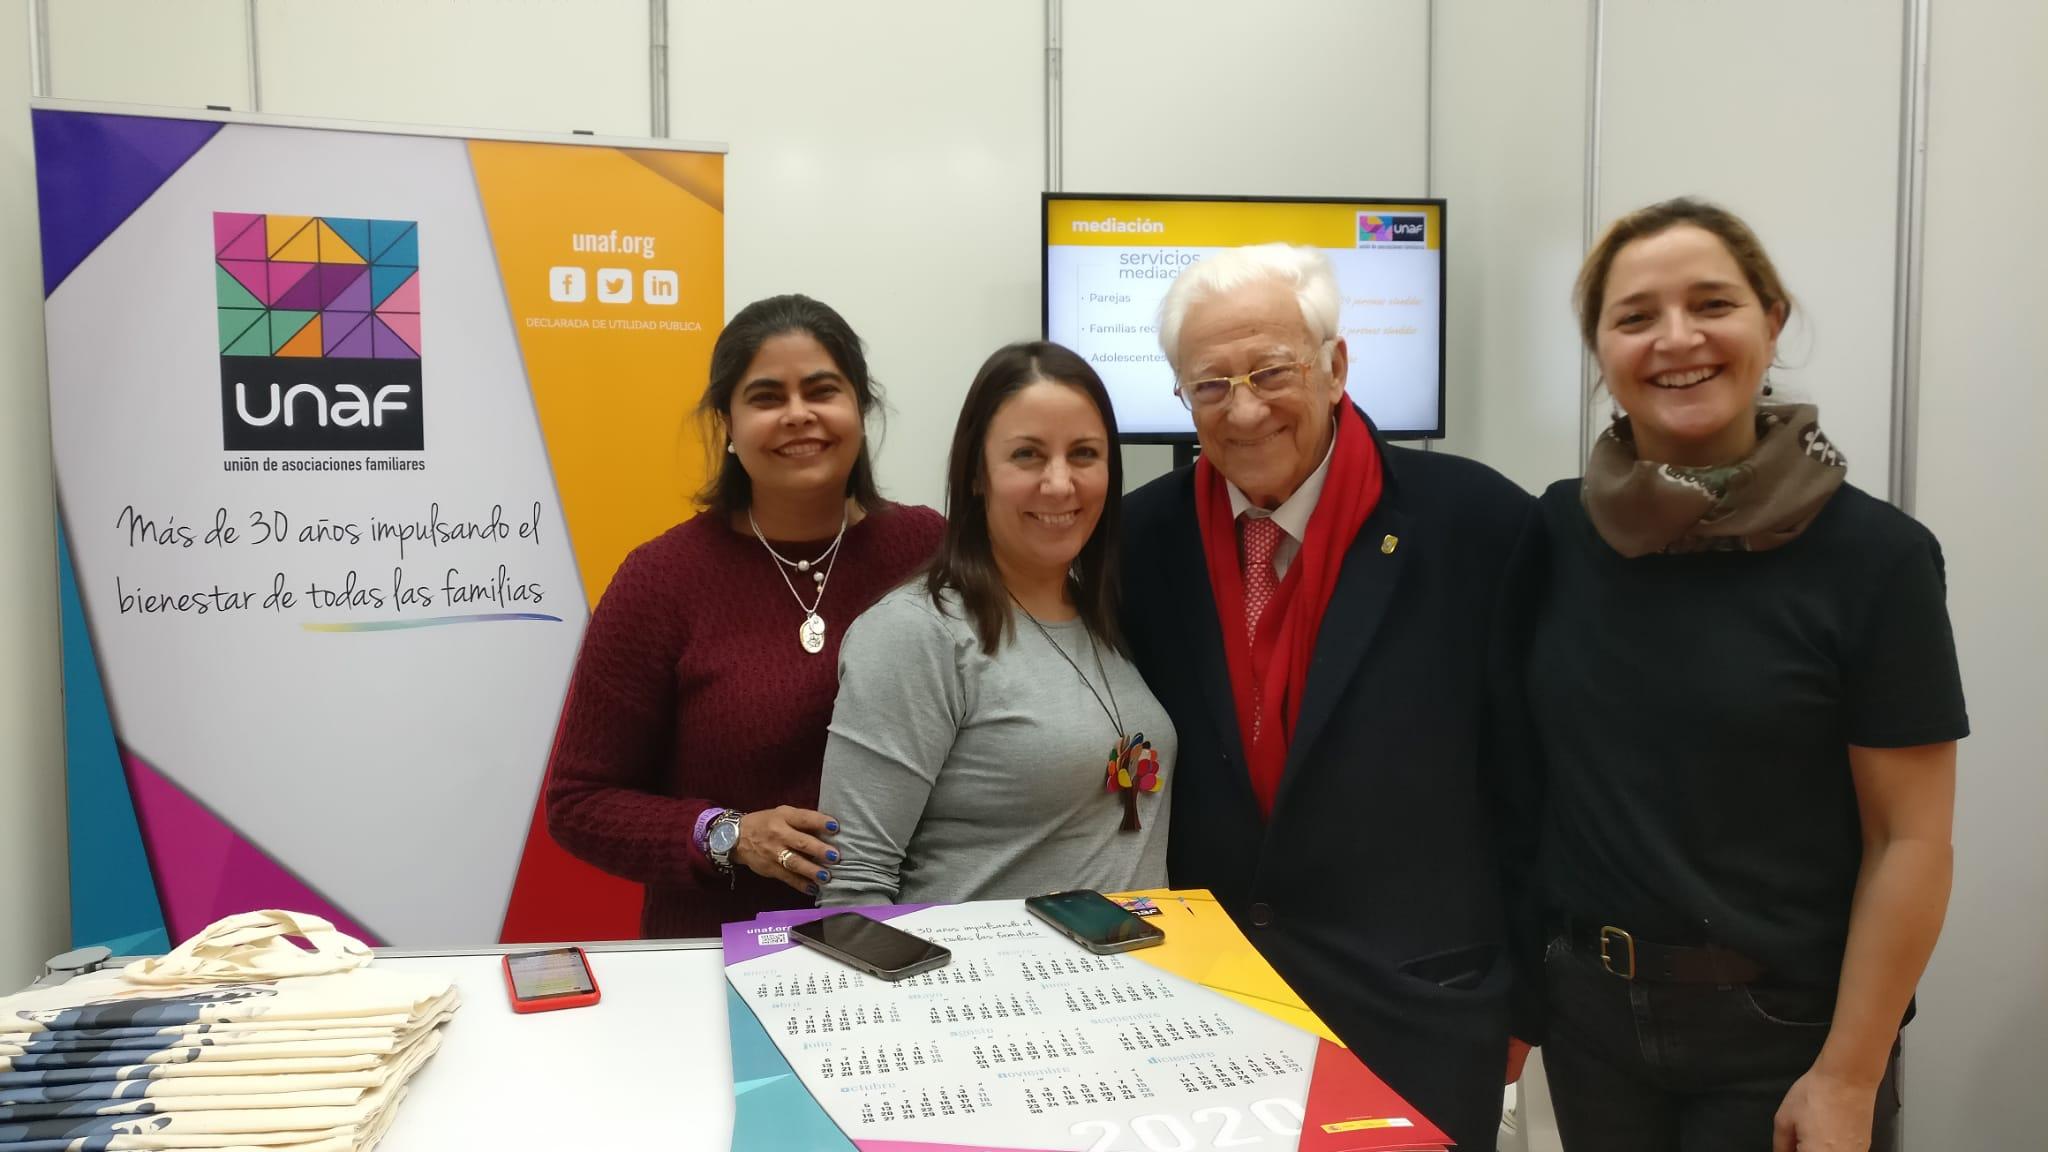 UNAF da a conocer sus actividades y servicios para las familias en la Feria de Asociacionismo de Madrid